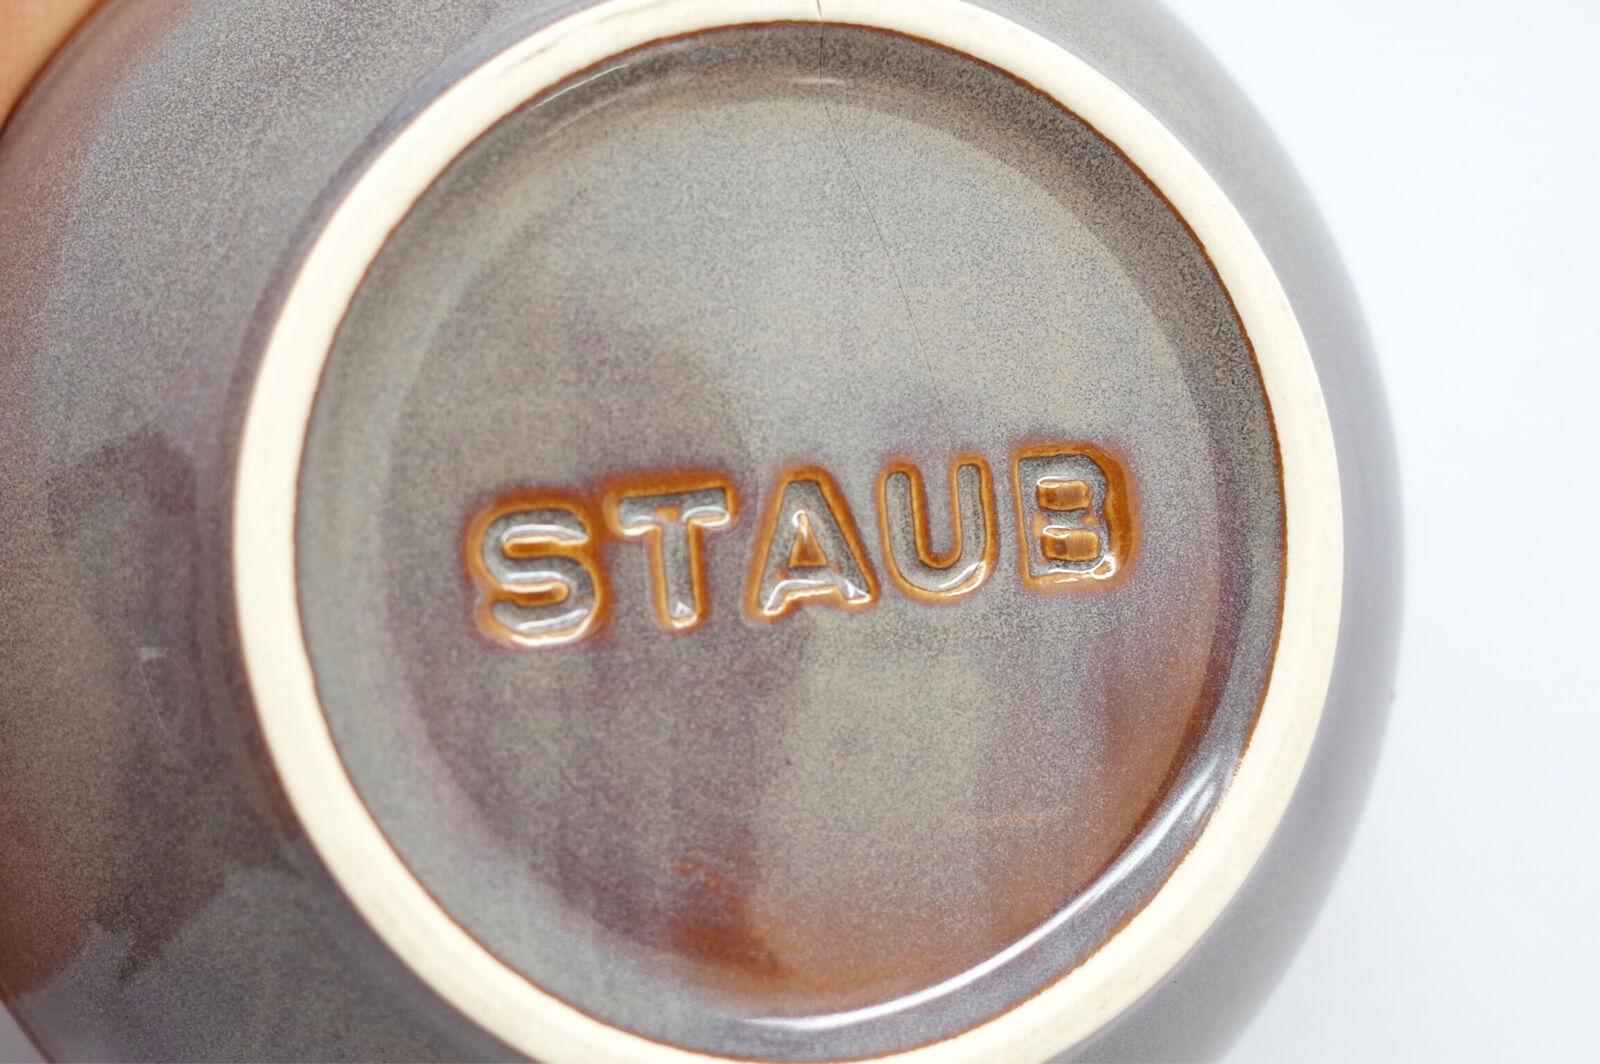 staub セラミック ボウル 14cm アンティークグレー